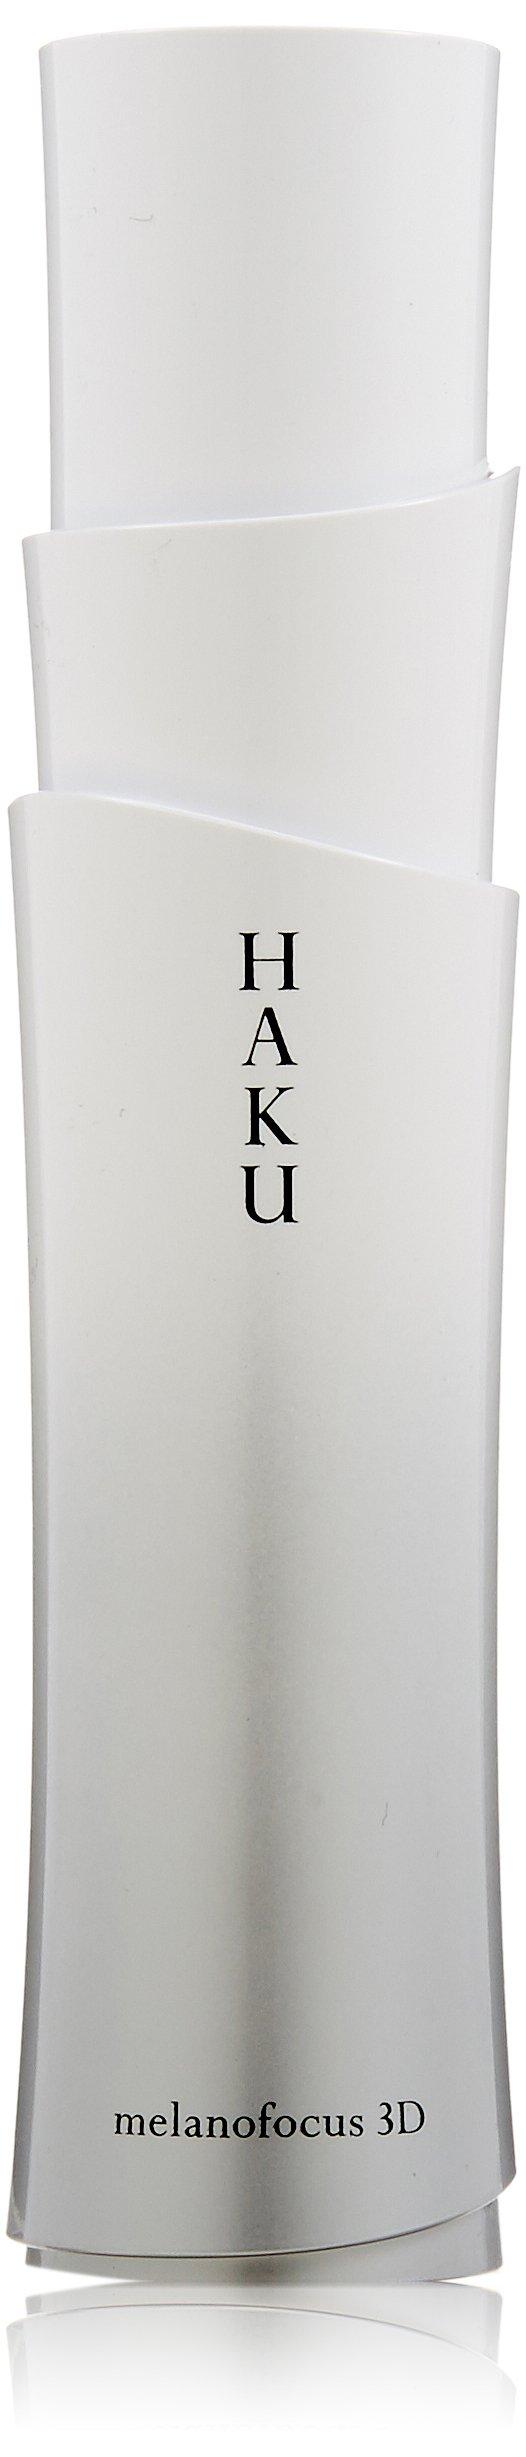 Shiseido Haku Melanofocus 3D, Whitening Essence Serum 45g, New